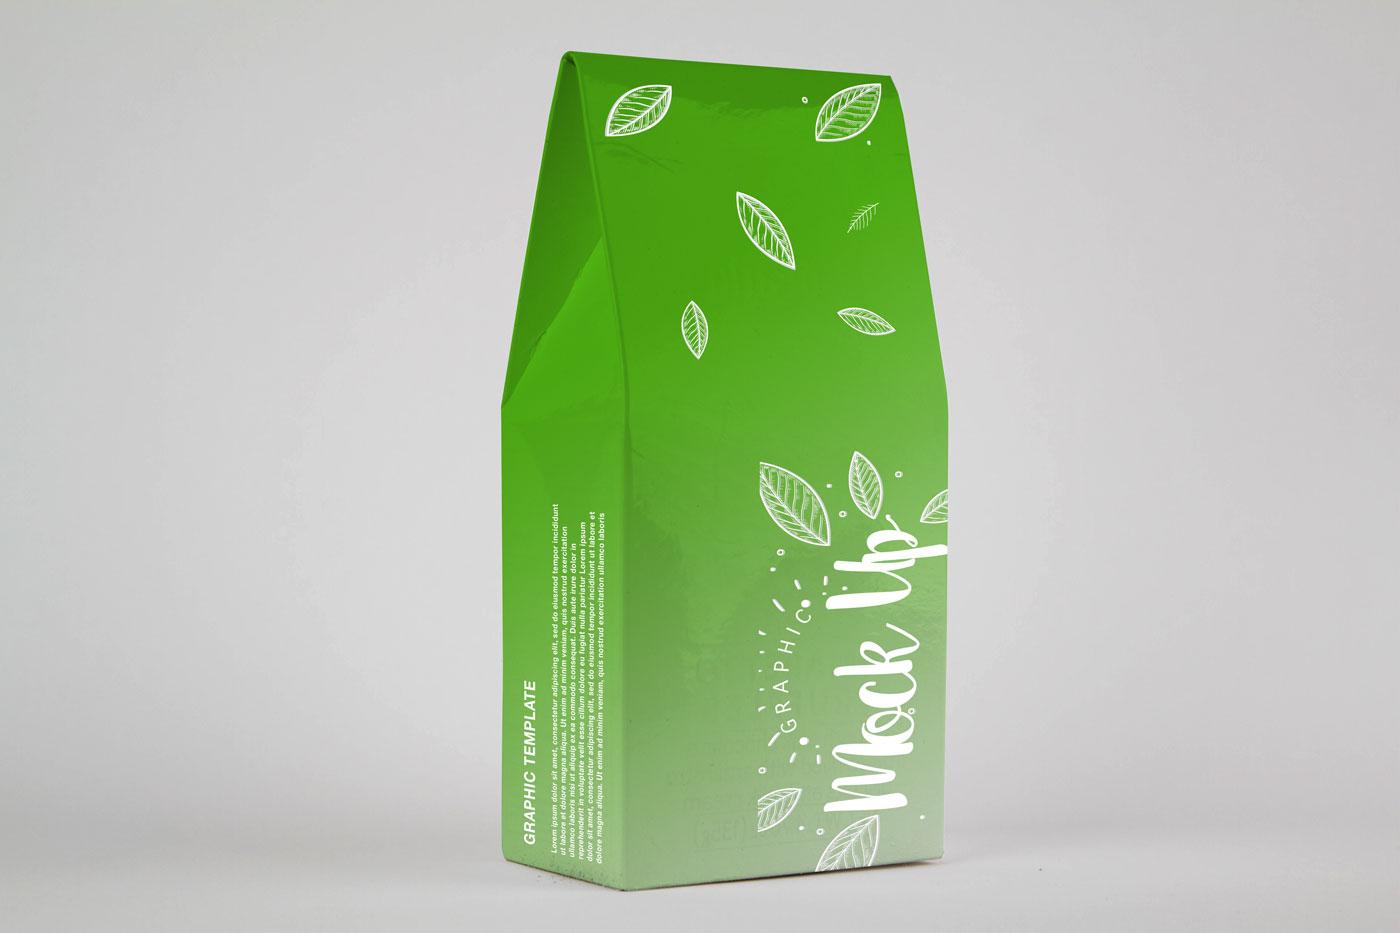 دانلود موکاپ جعبه محصول چای و قهوه